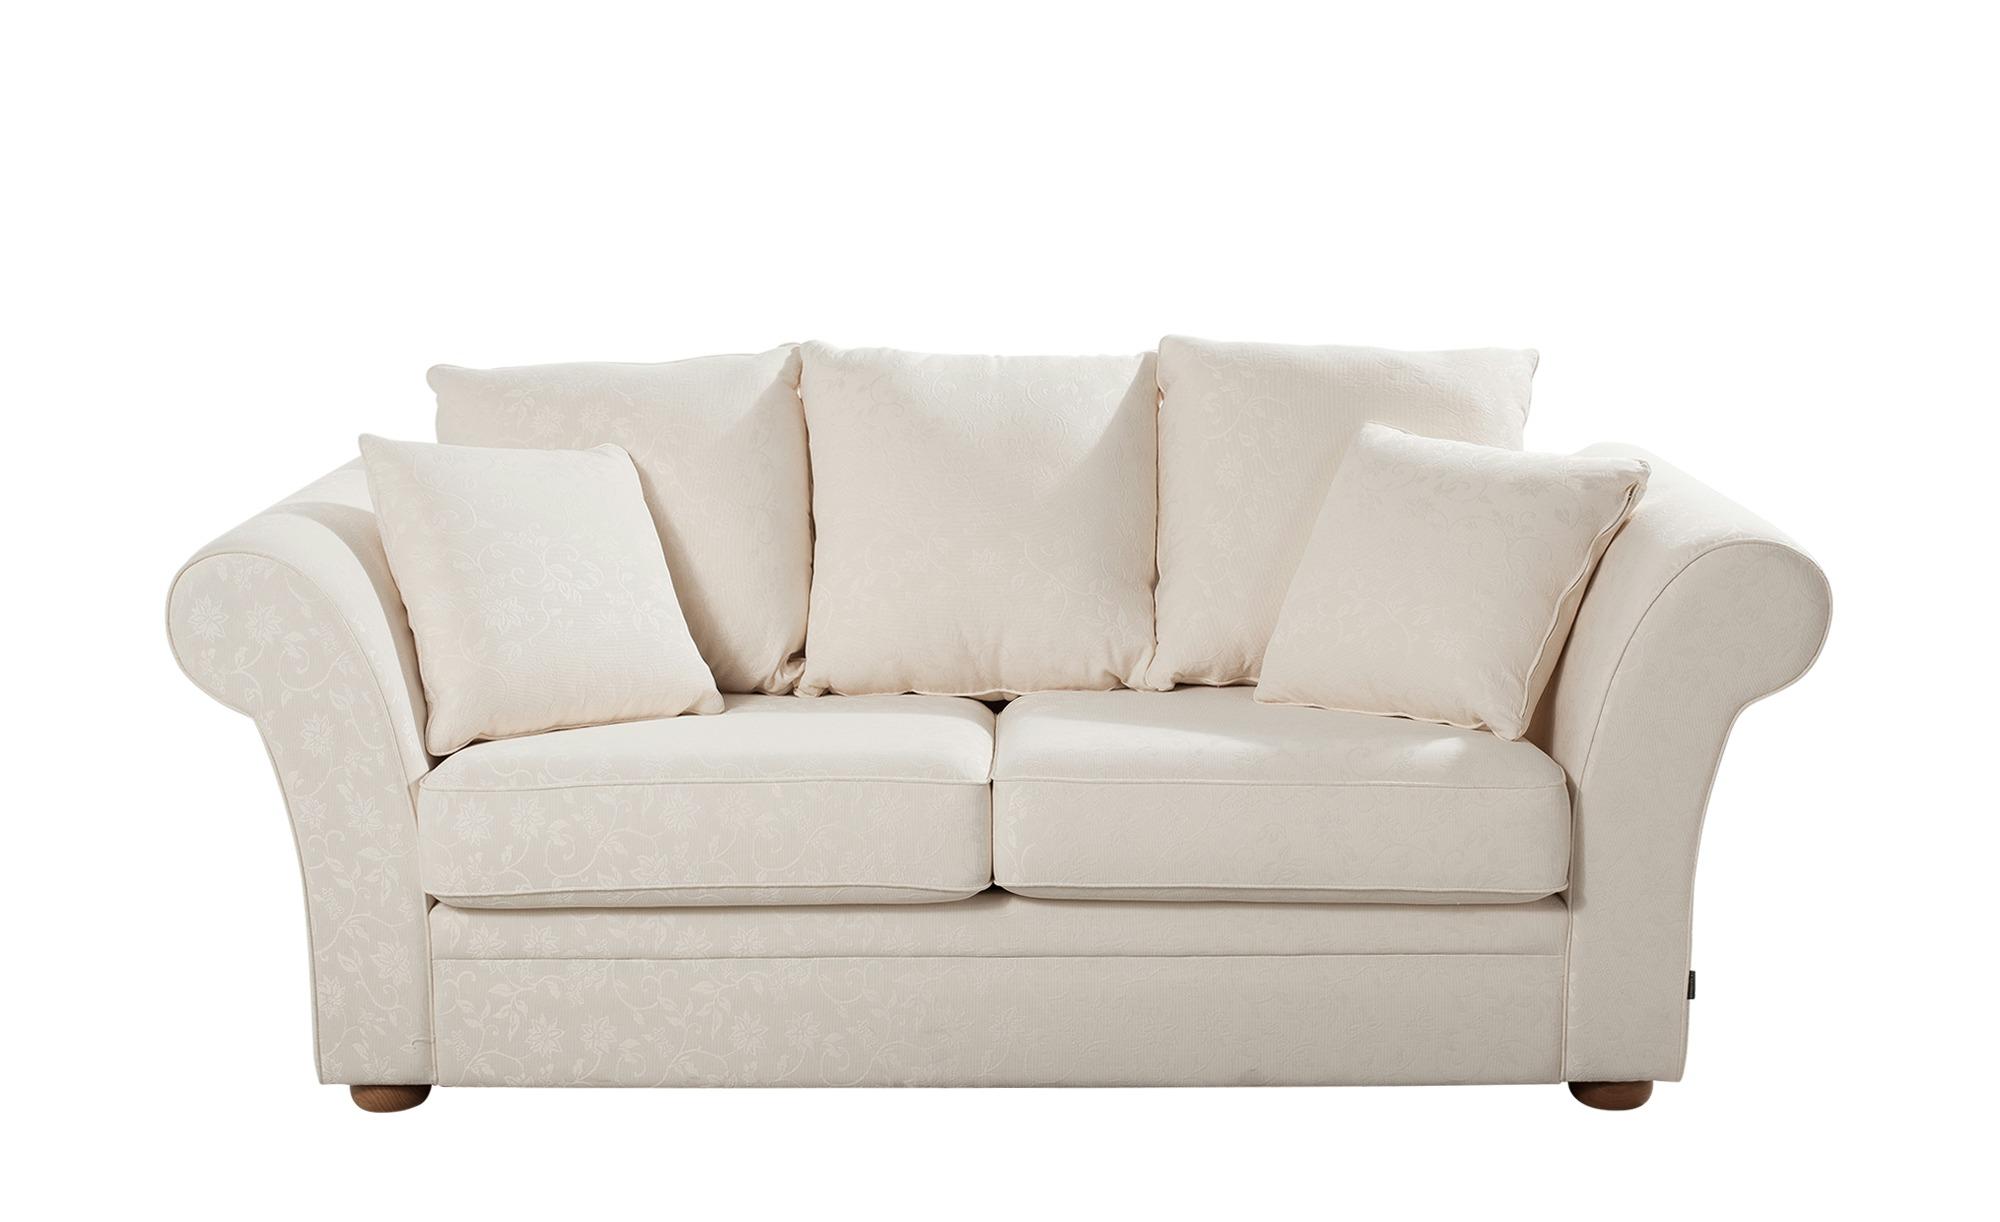 Landhaus-Sofa weiß - Flachgewebe Olivia ¦ weiß ¦ Maße (cm): B: 215 H: 100 T: 98 Polstermöbel > Sofas > Einzelsofas - Höffner